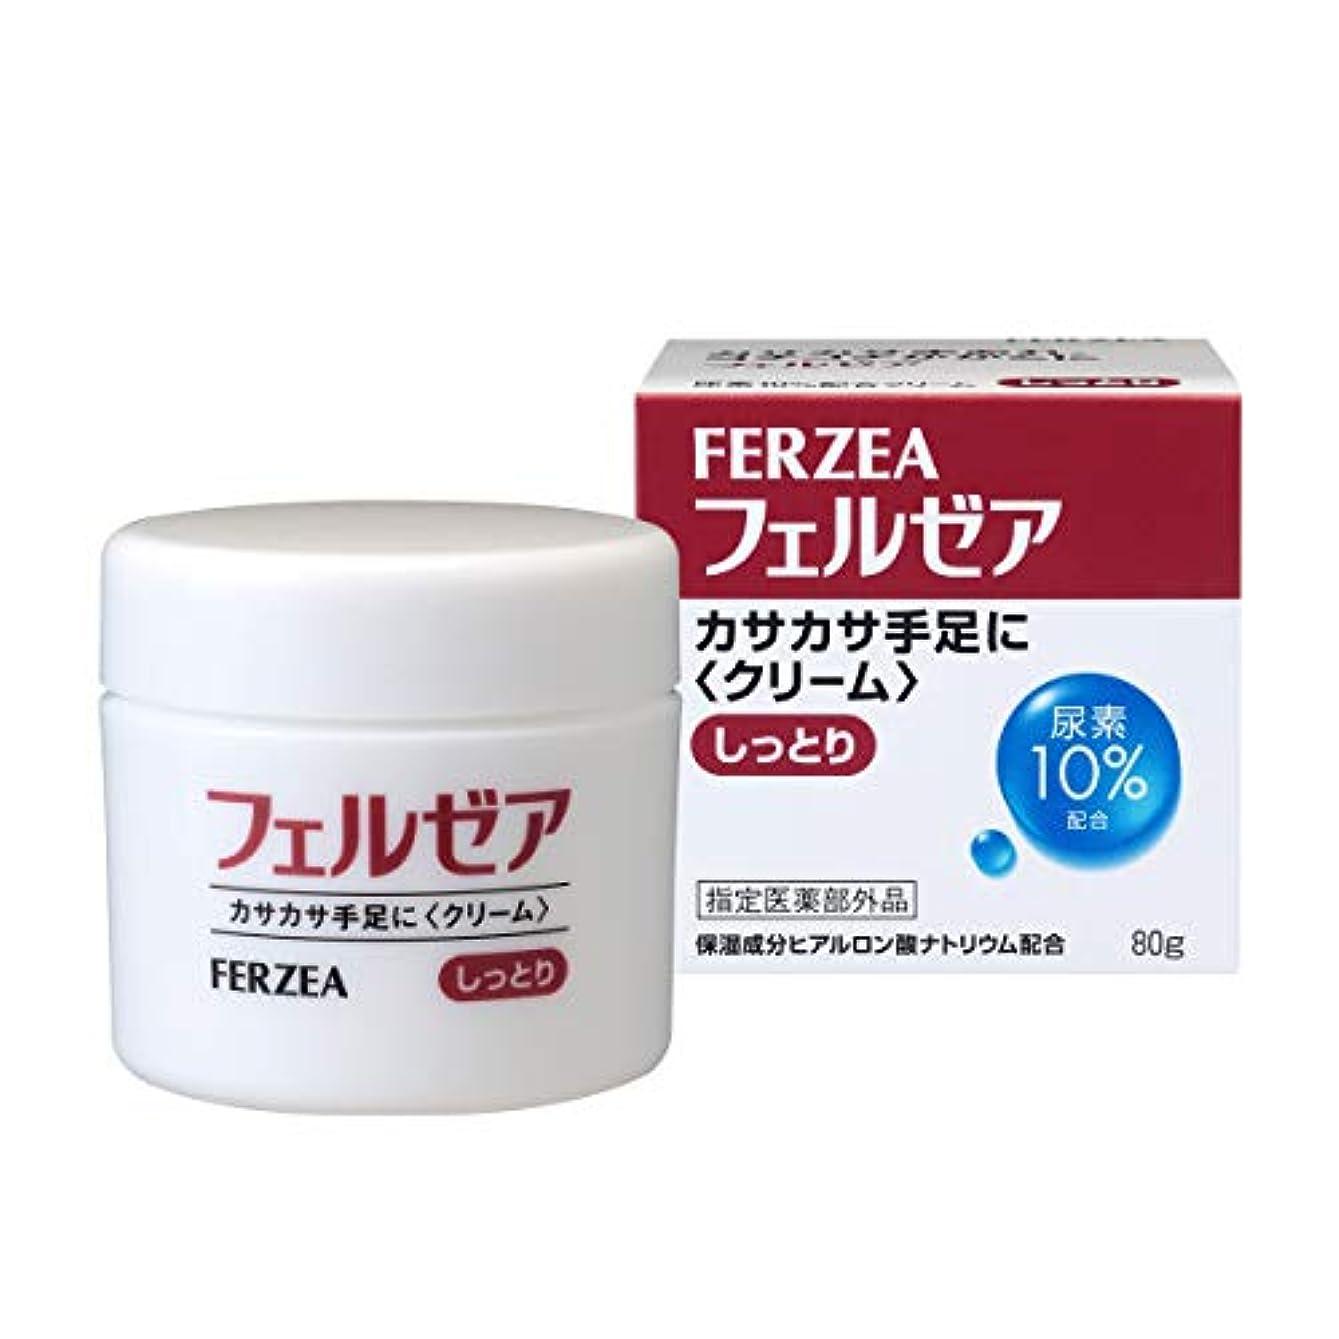 十分な床変わる【Amazon.co.jp限定】 フェルゼア (指定医薬部外品) クリームM 80g